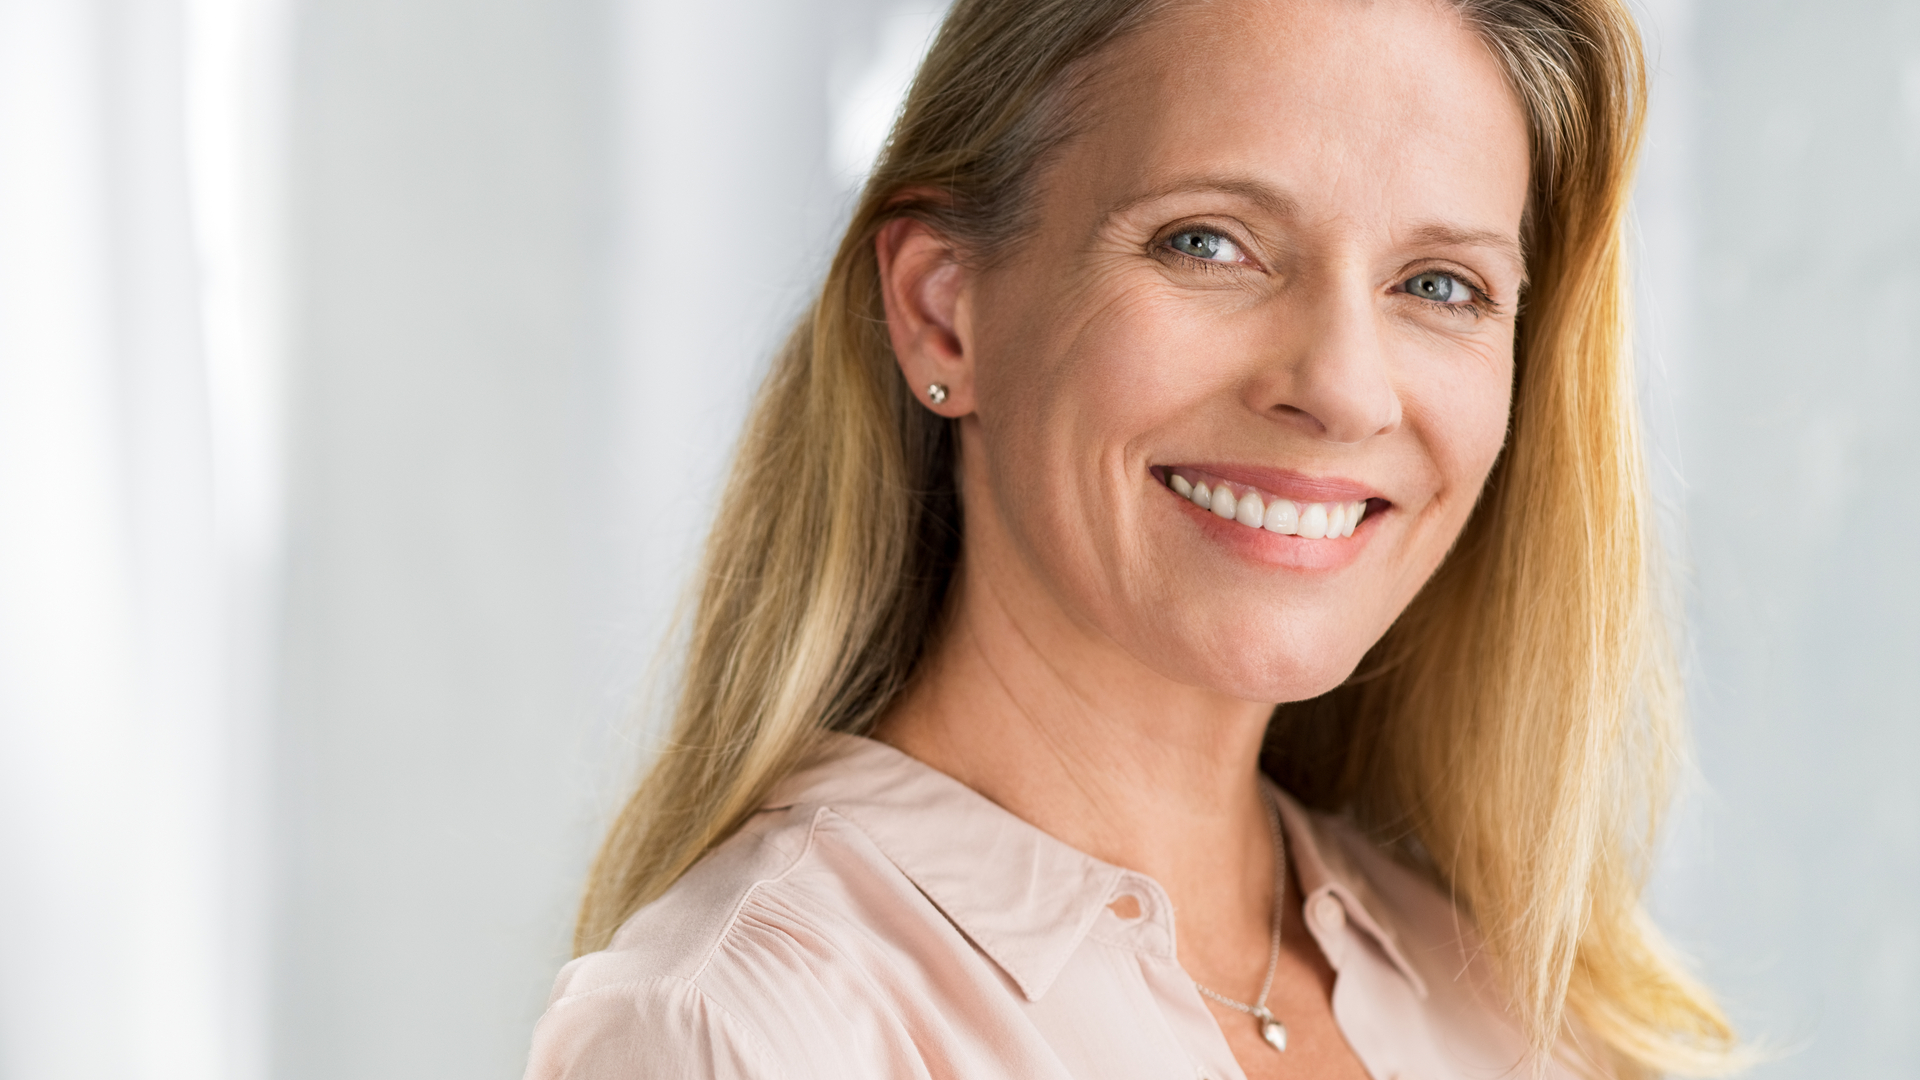 O resultado do tratamento com implante dentário e prótese fixa é um sorriso mais bonito, além de mais confiança para as atividades cotidianas